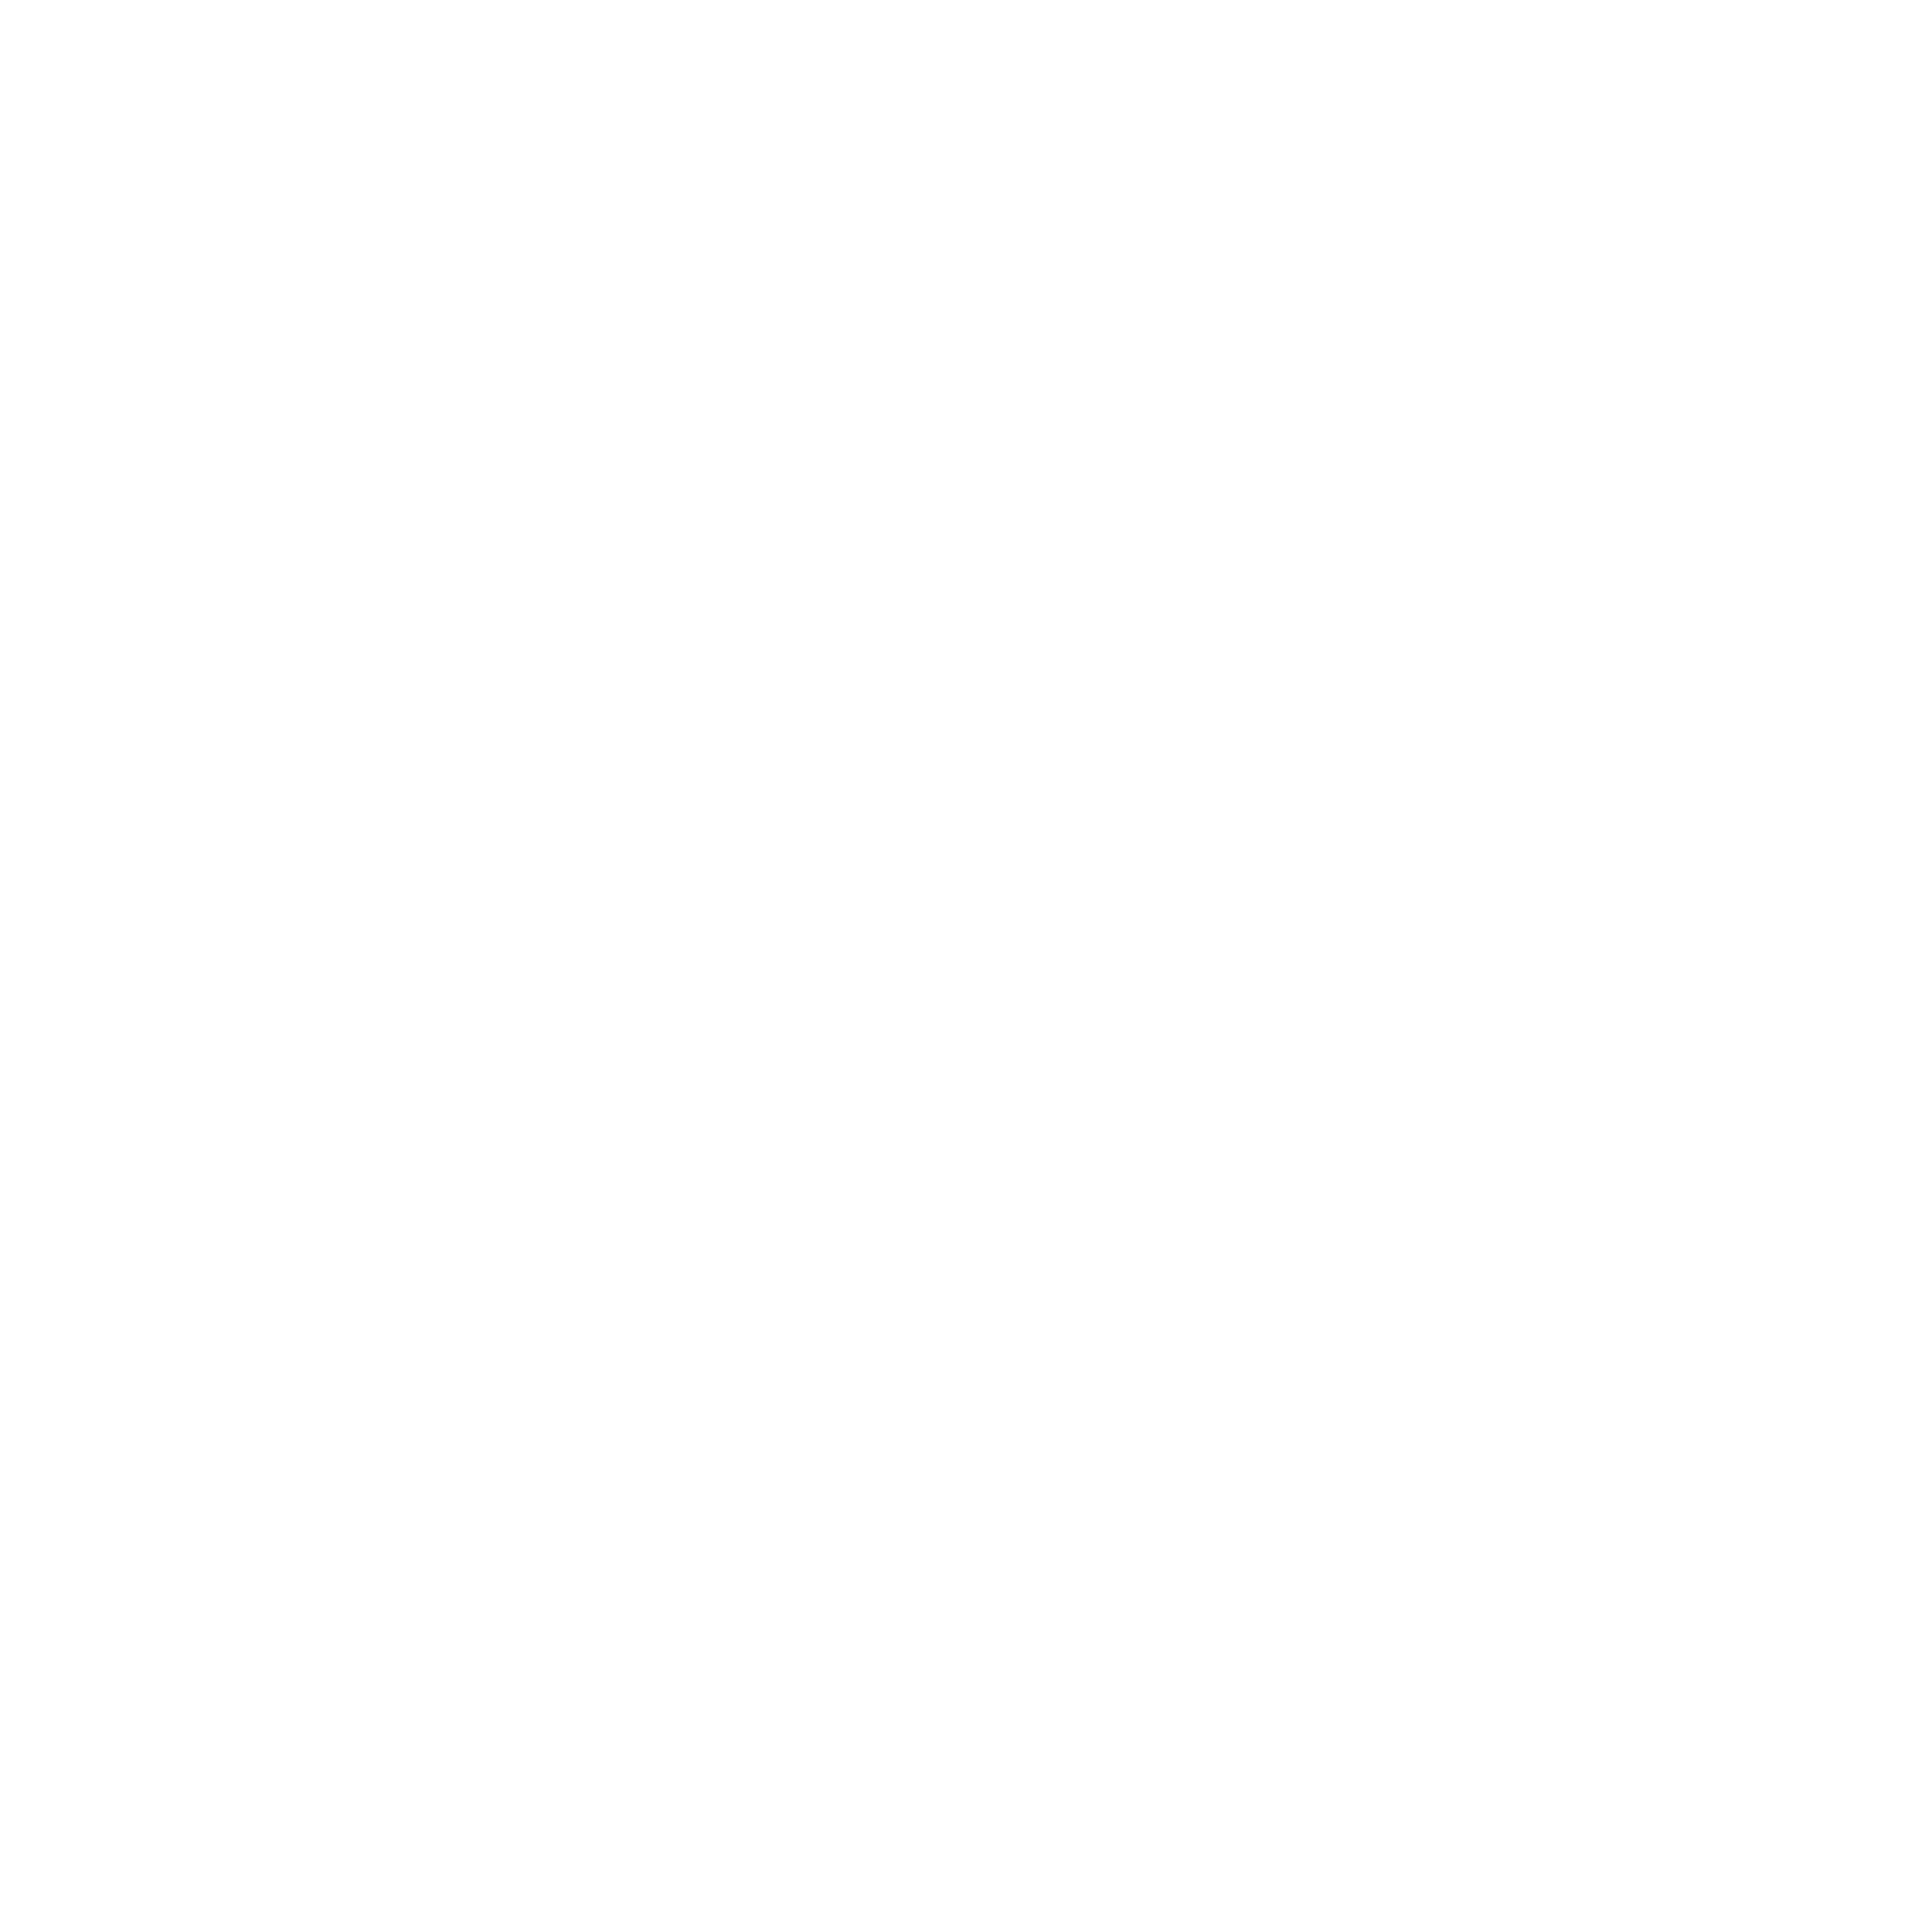 do more-01